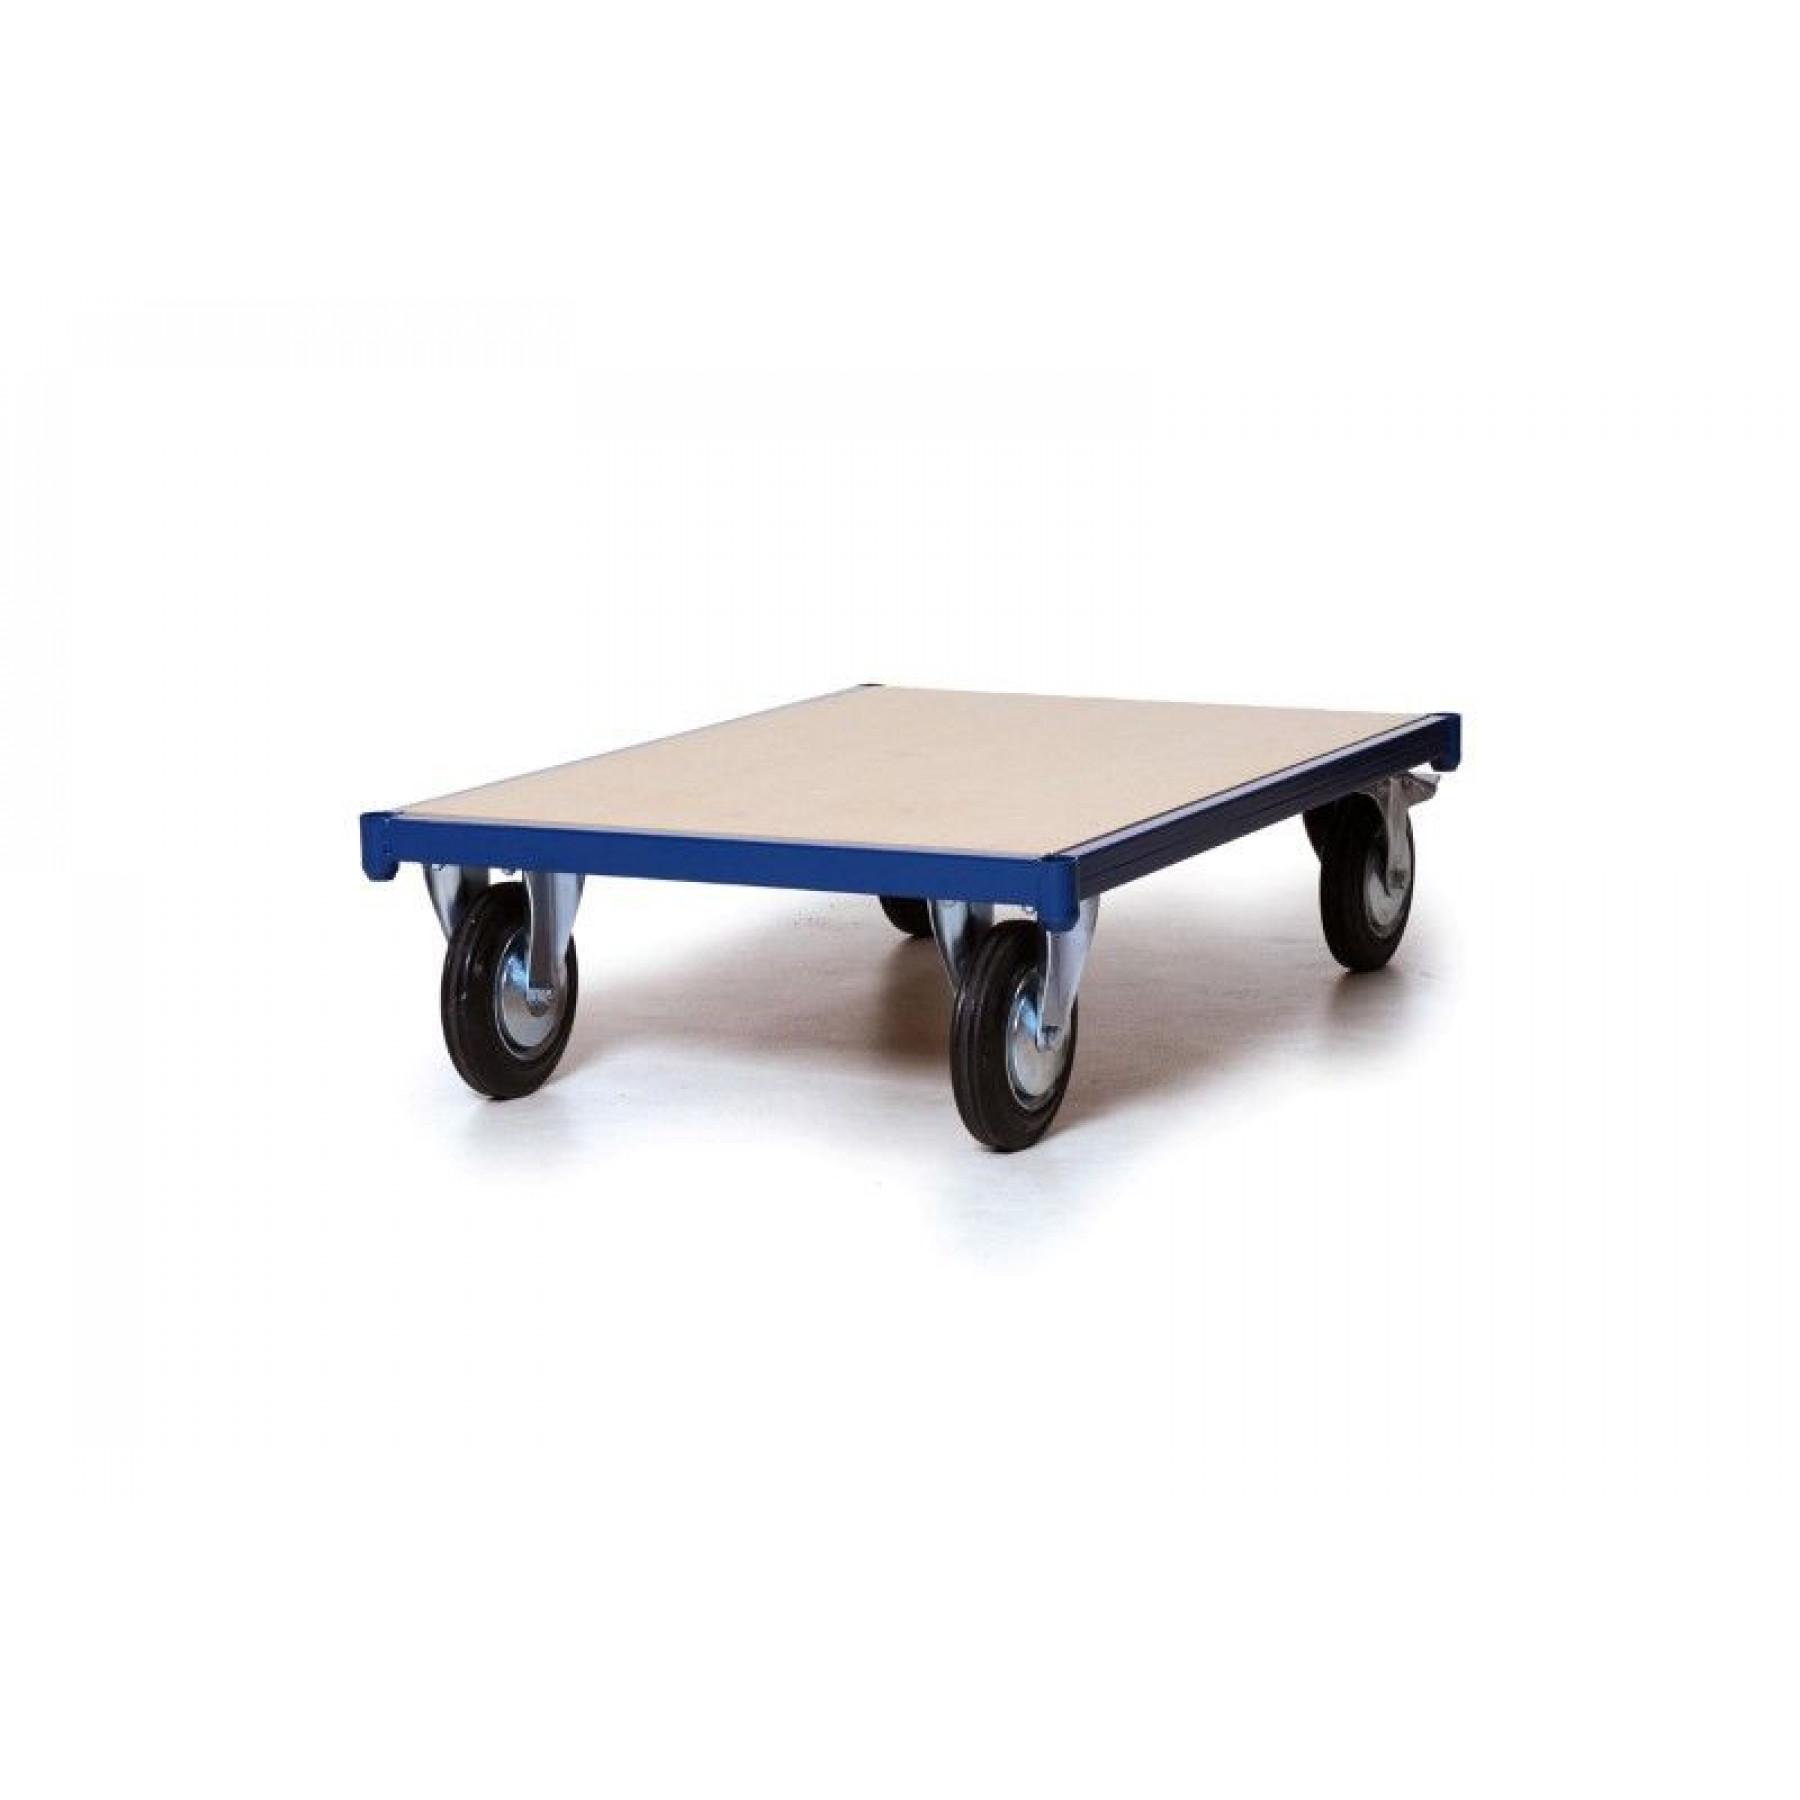 Platformwagen met MDF laadvloer